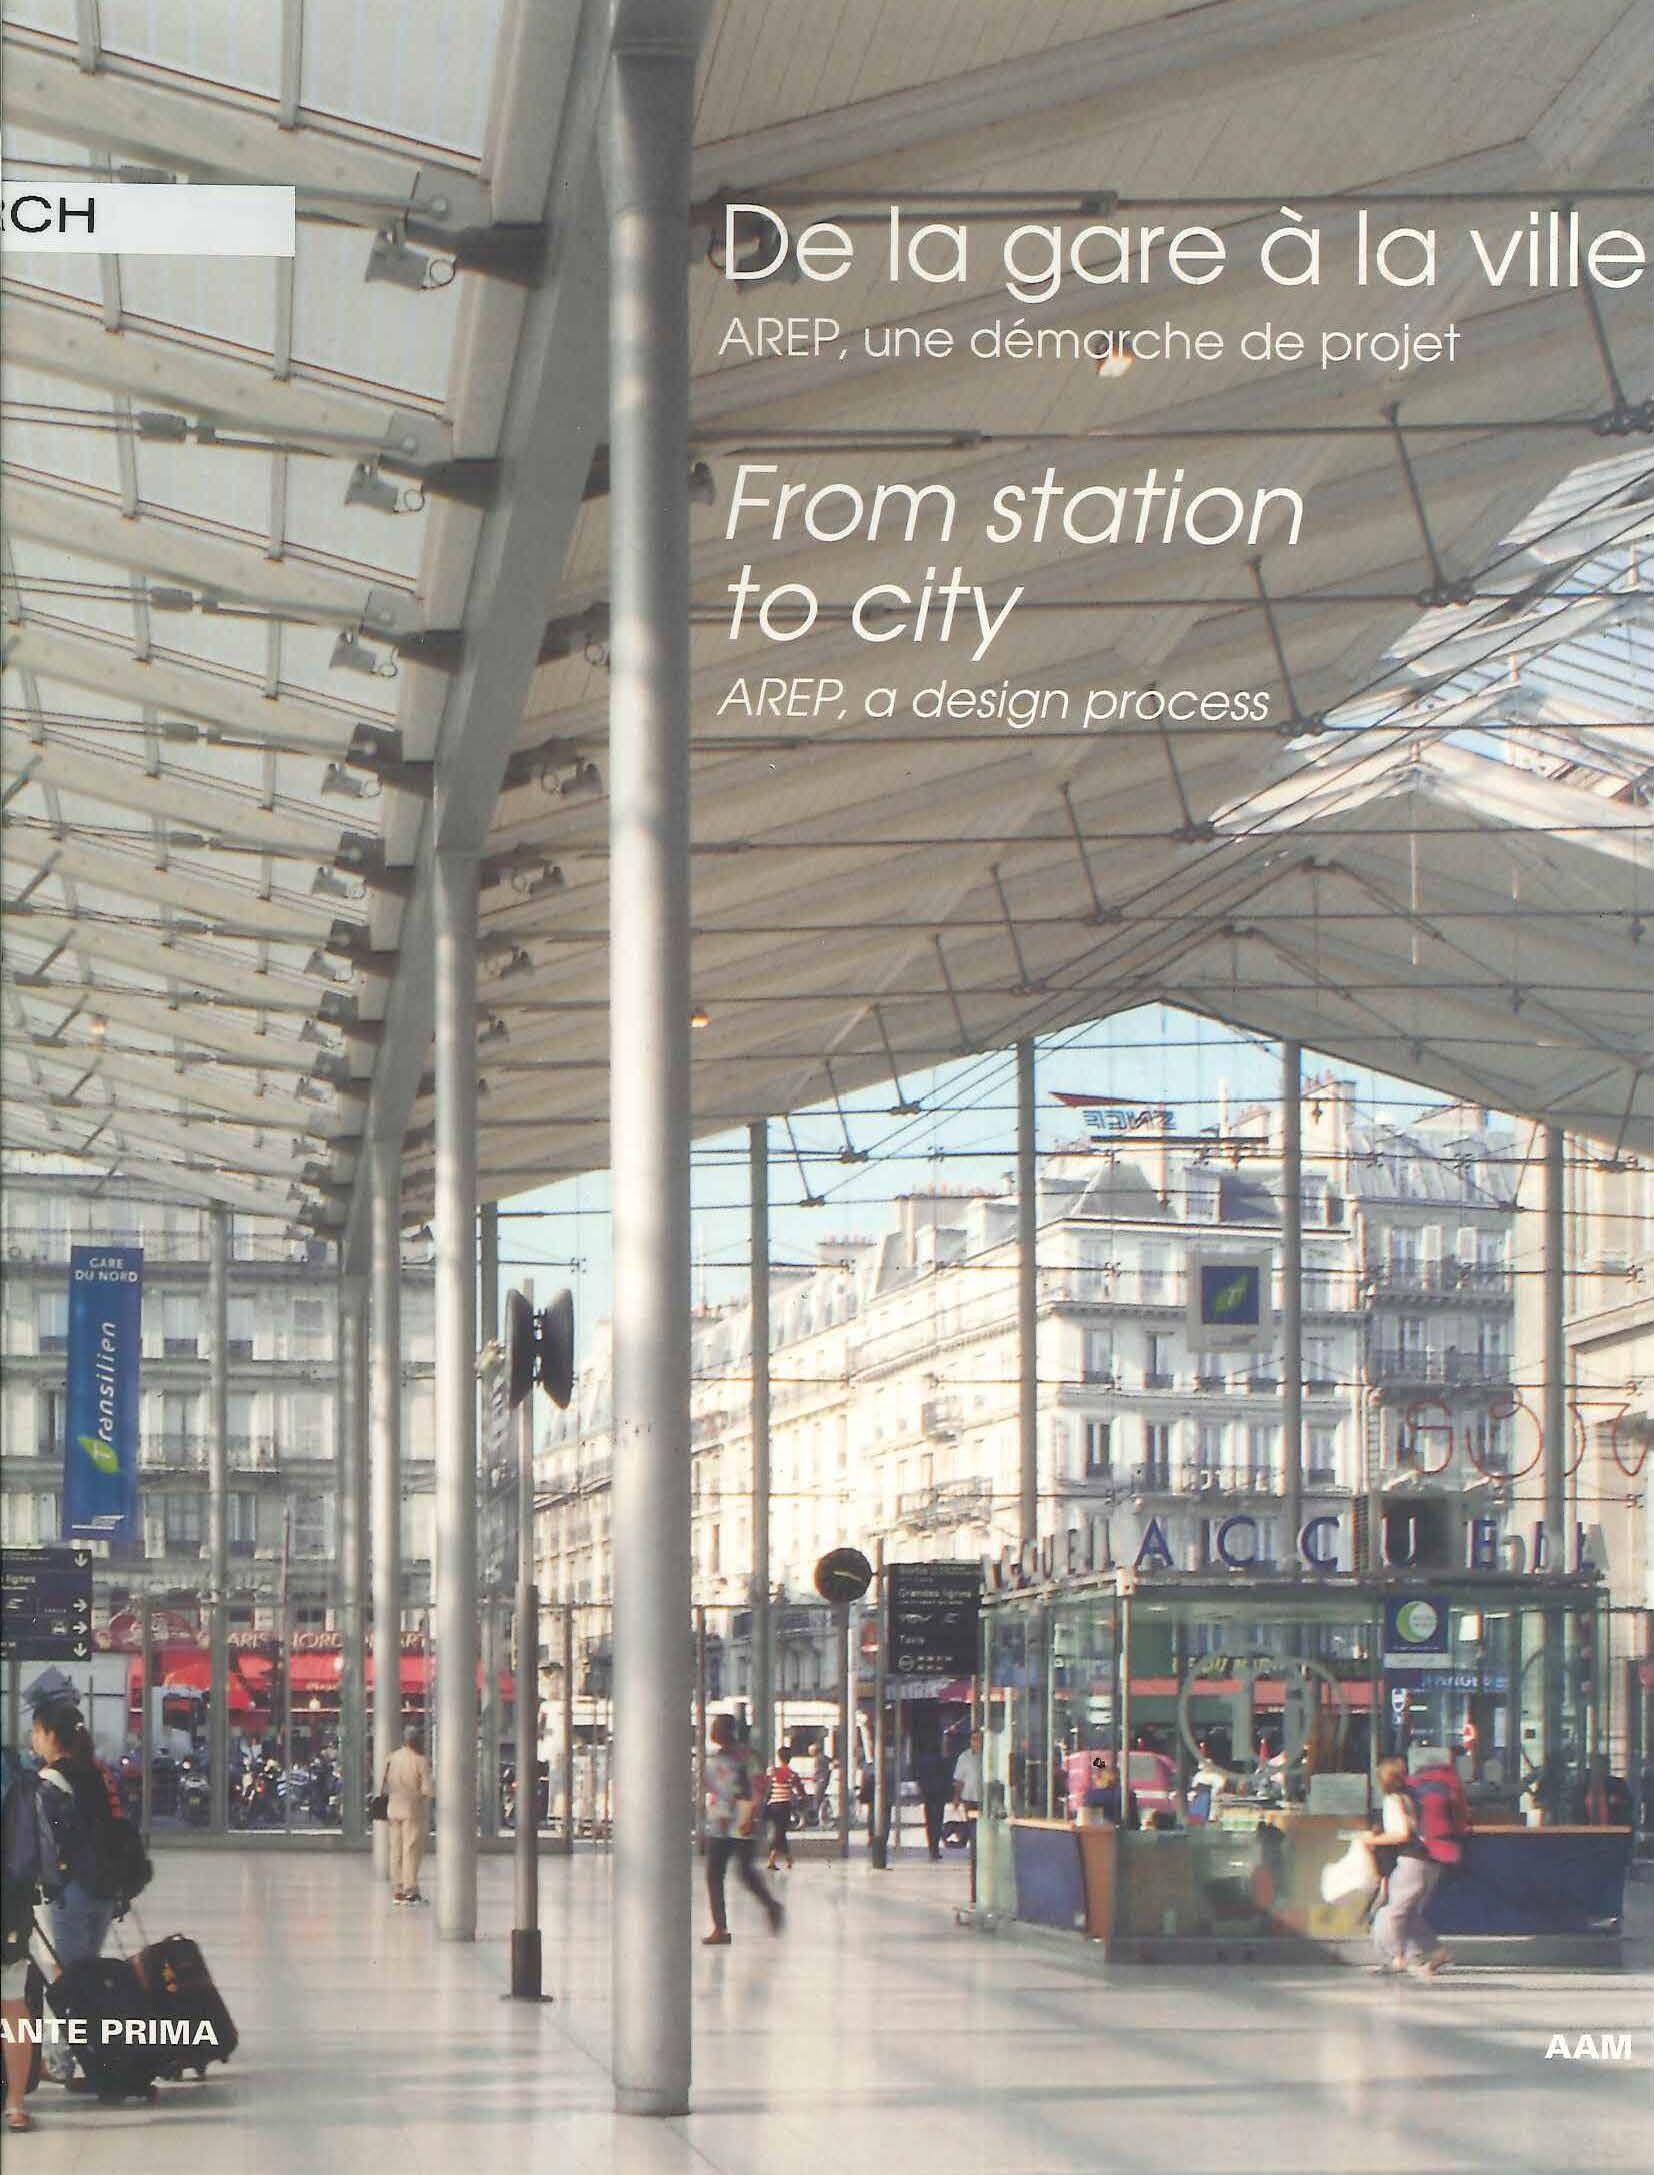 De la gare à la ville